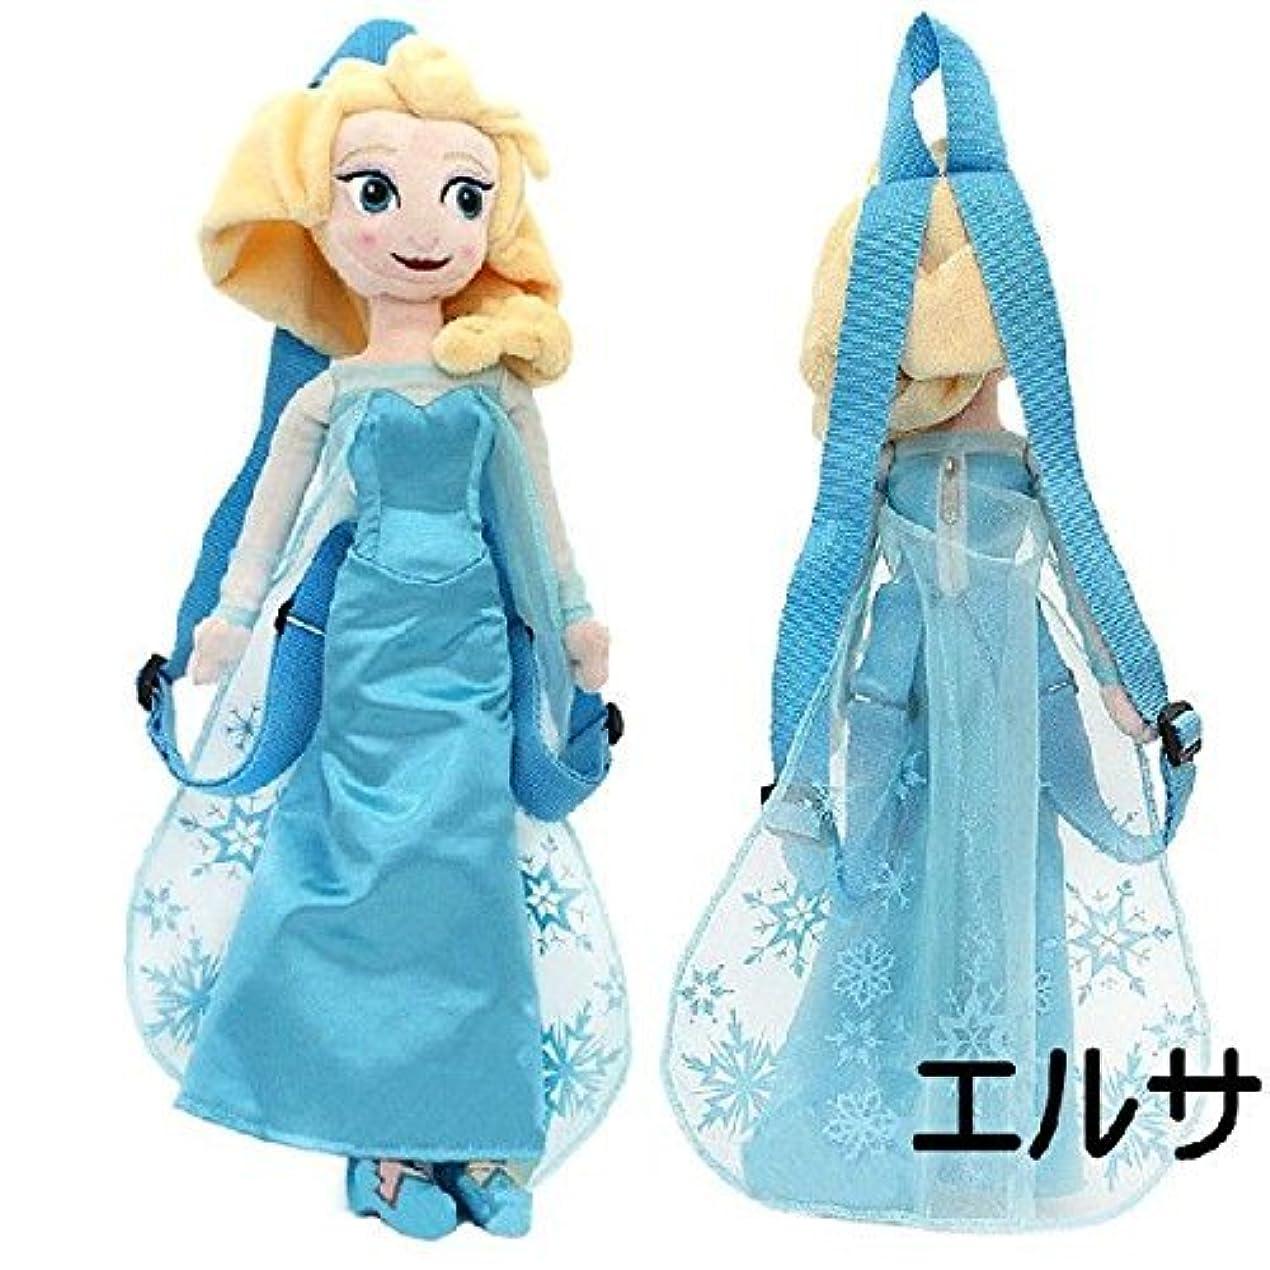 作者することになっている途方もないアナと雪の女王 人形 ぬいぐるみ 【4sgm-188】